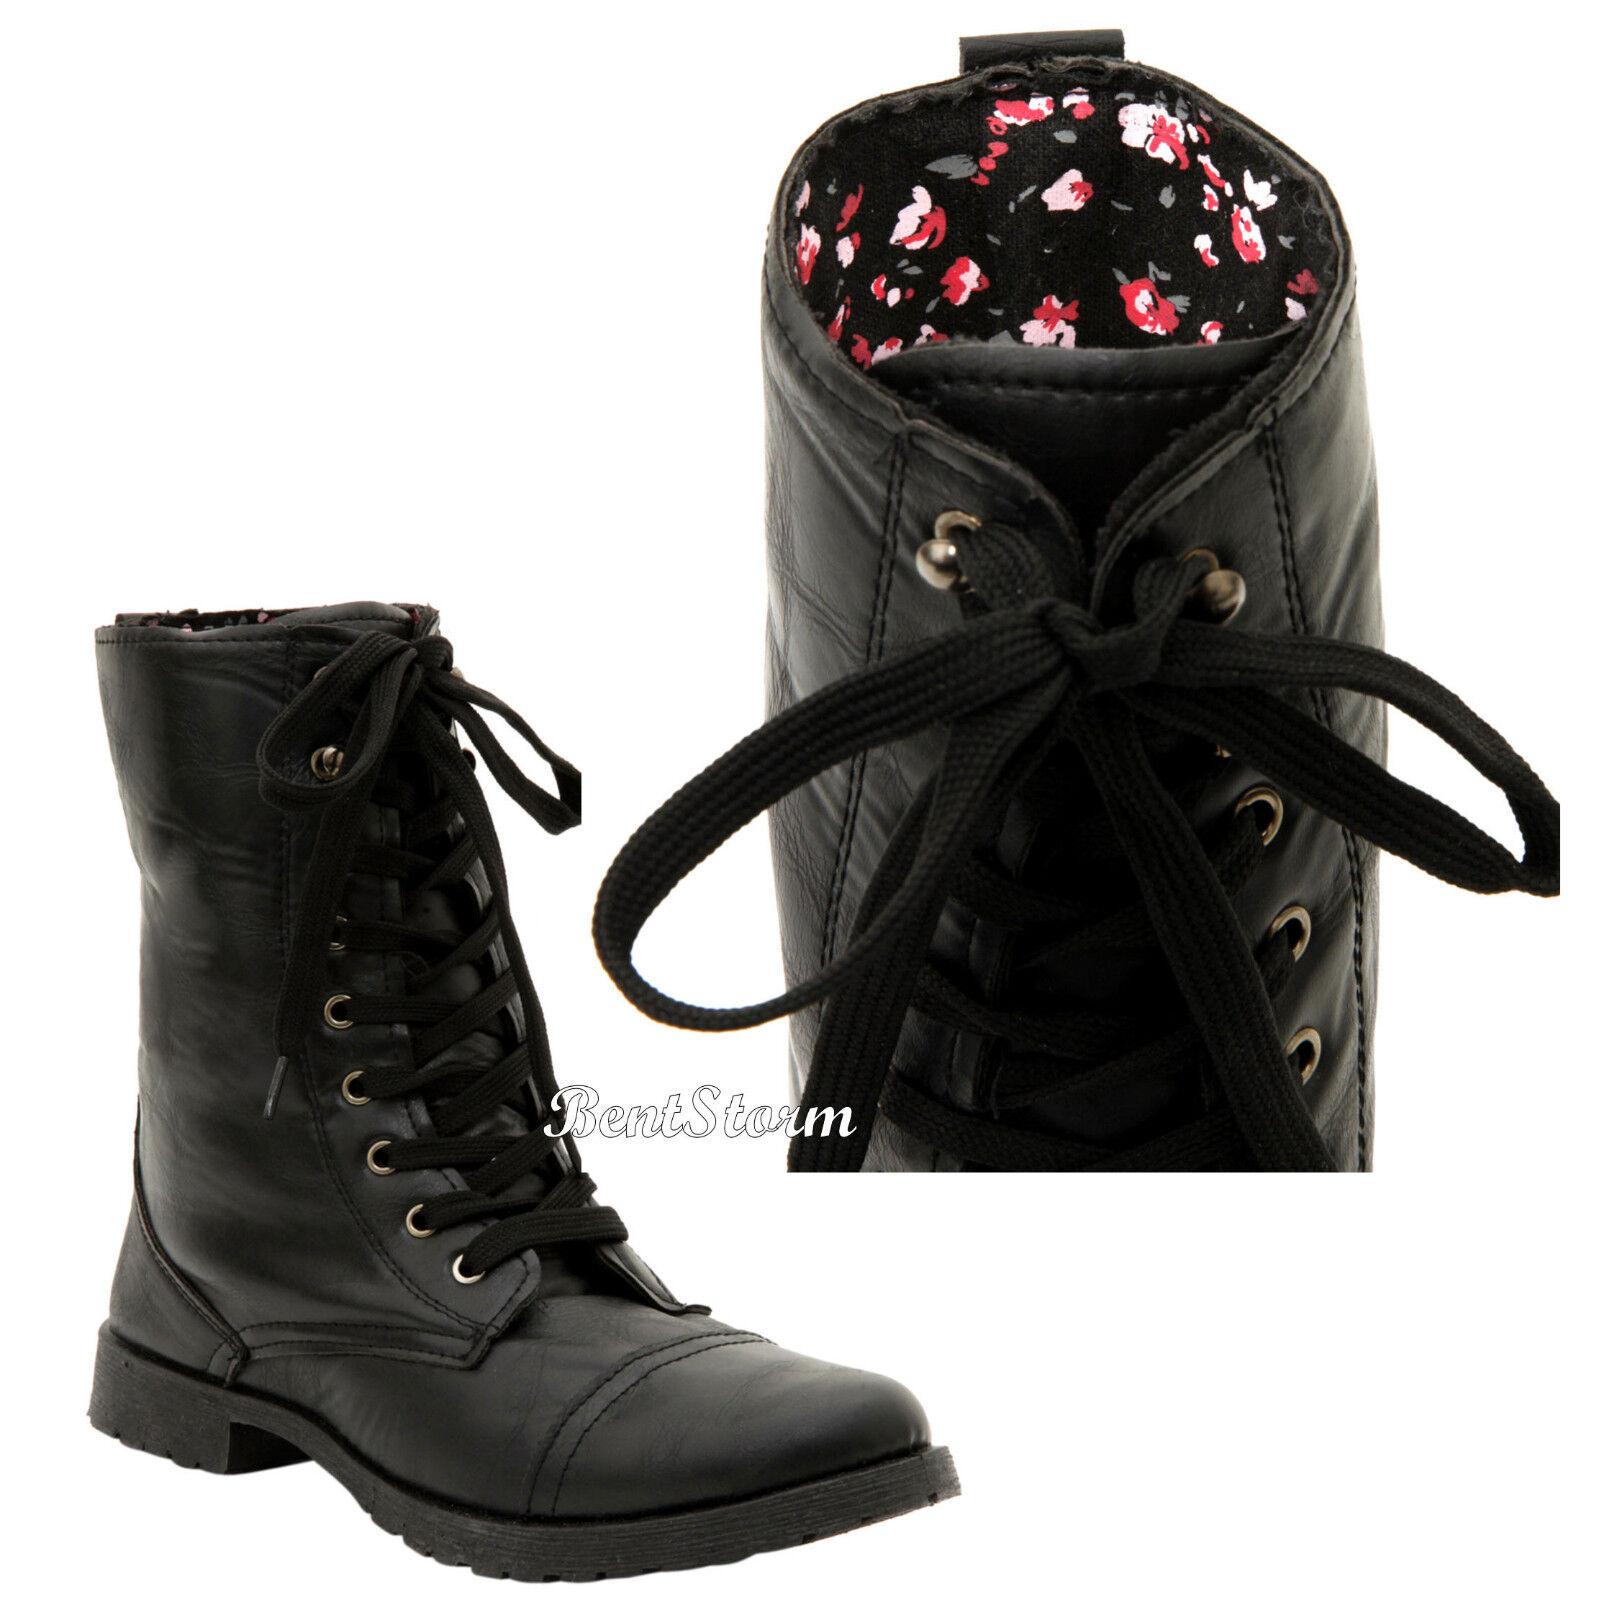 botas de Combate Negro Vintage Floral rosados para Mujer Mujer Mujer Zapatos De Cordones 6-10 Hot Topic  se descuenta